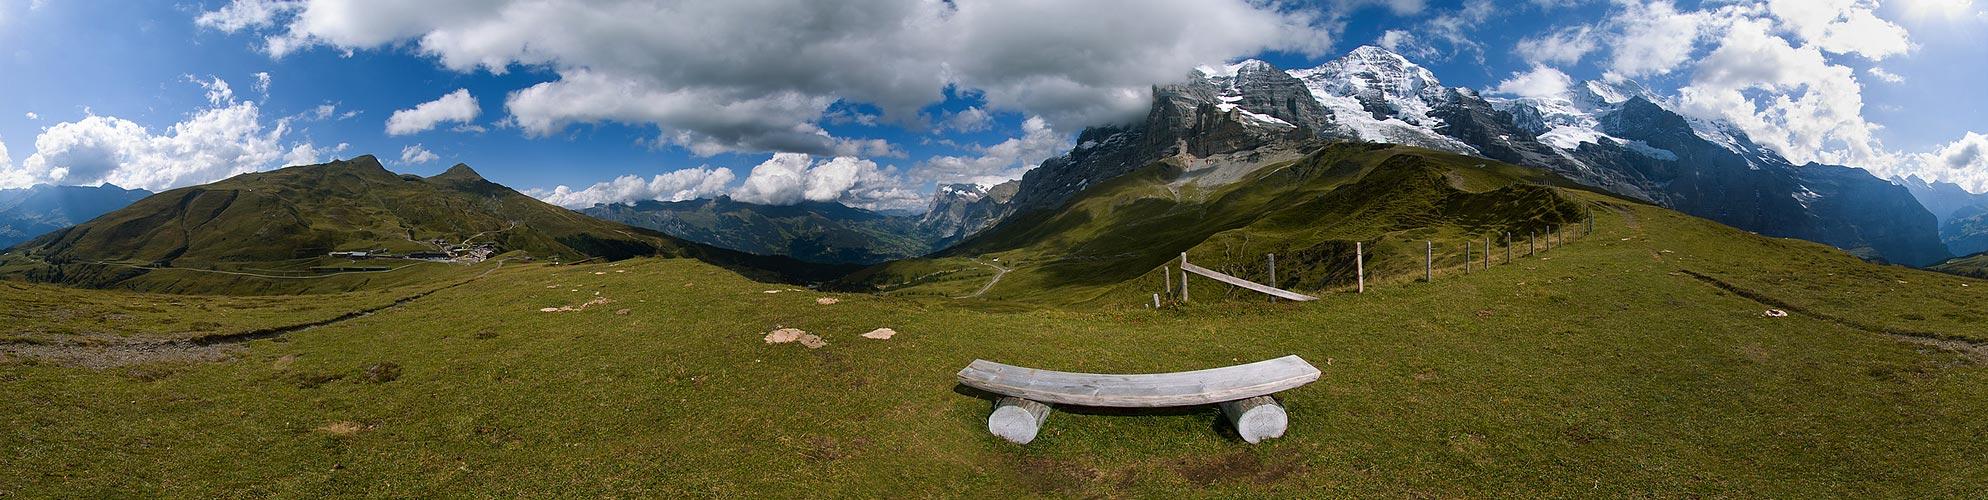 Sitzbank an der Eiger Nordwand